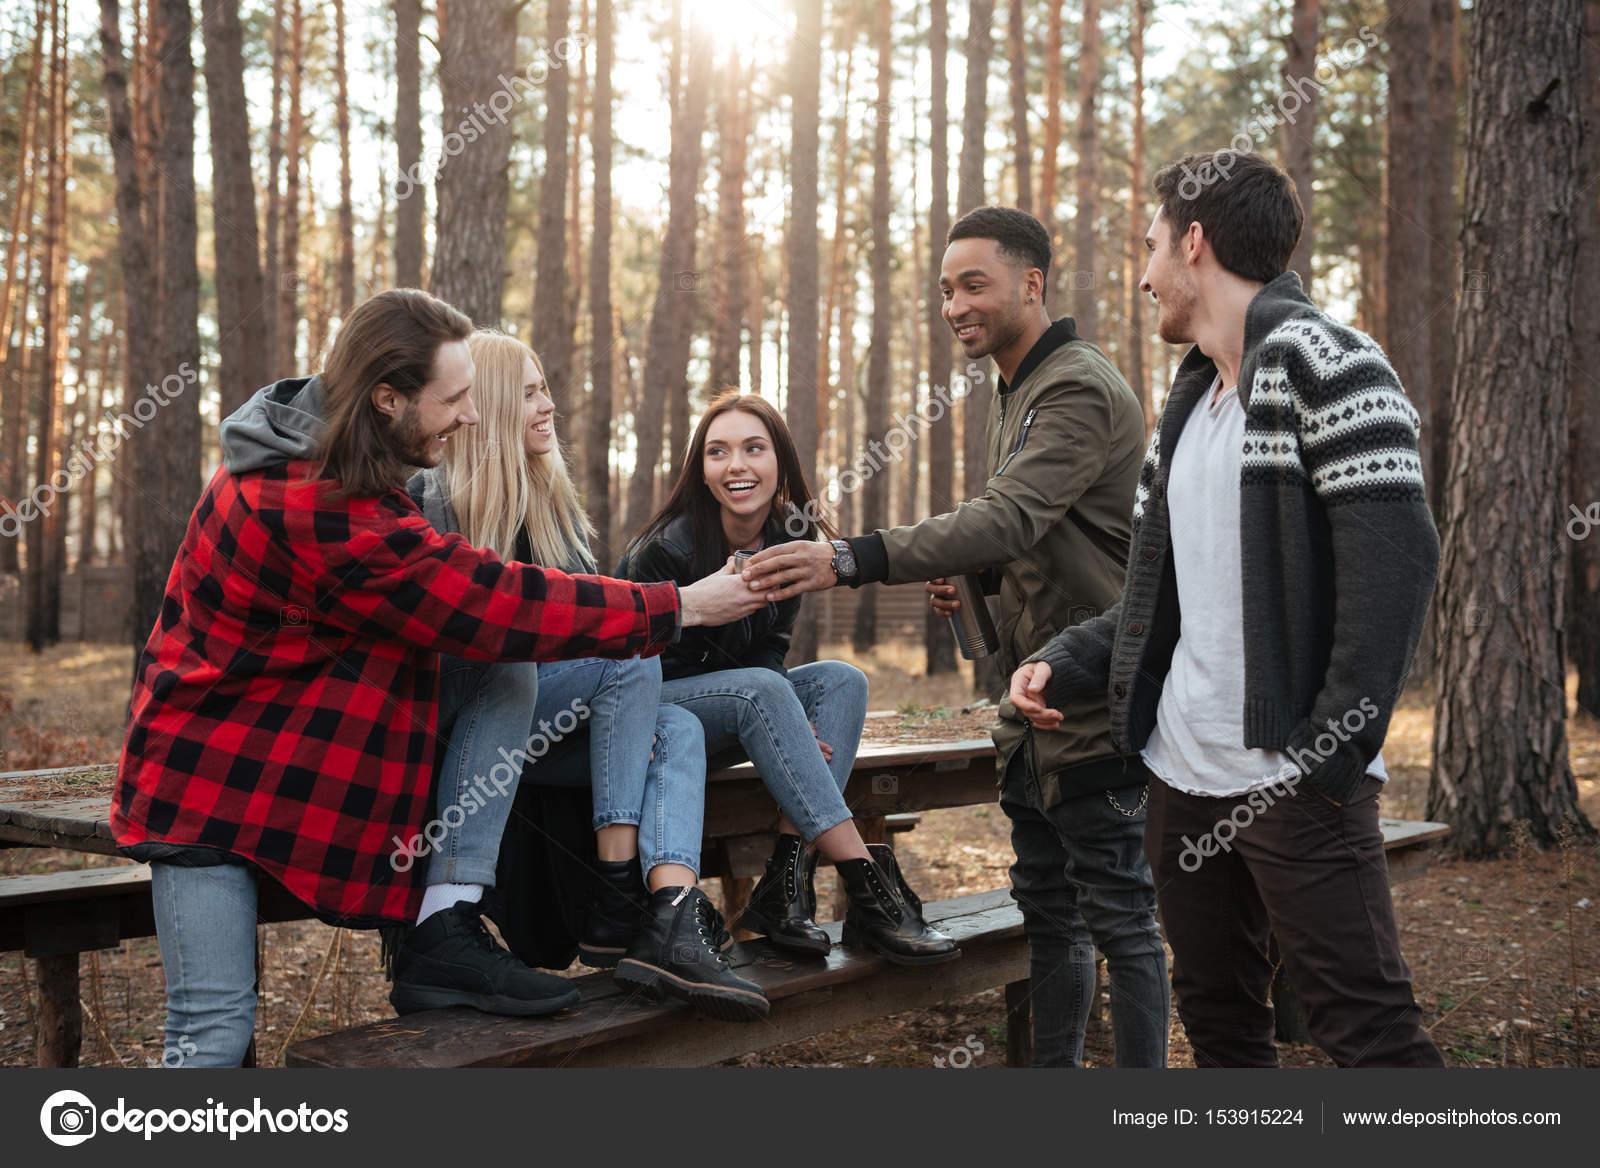 Секс групповой в лесу фото, Три худенькие молодухи раздеваются в лесу секс фото 19 фотография